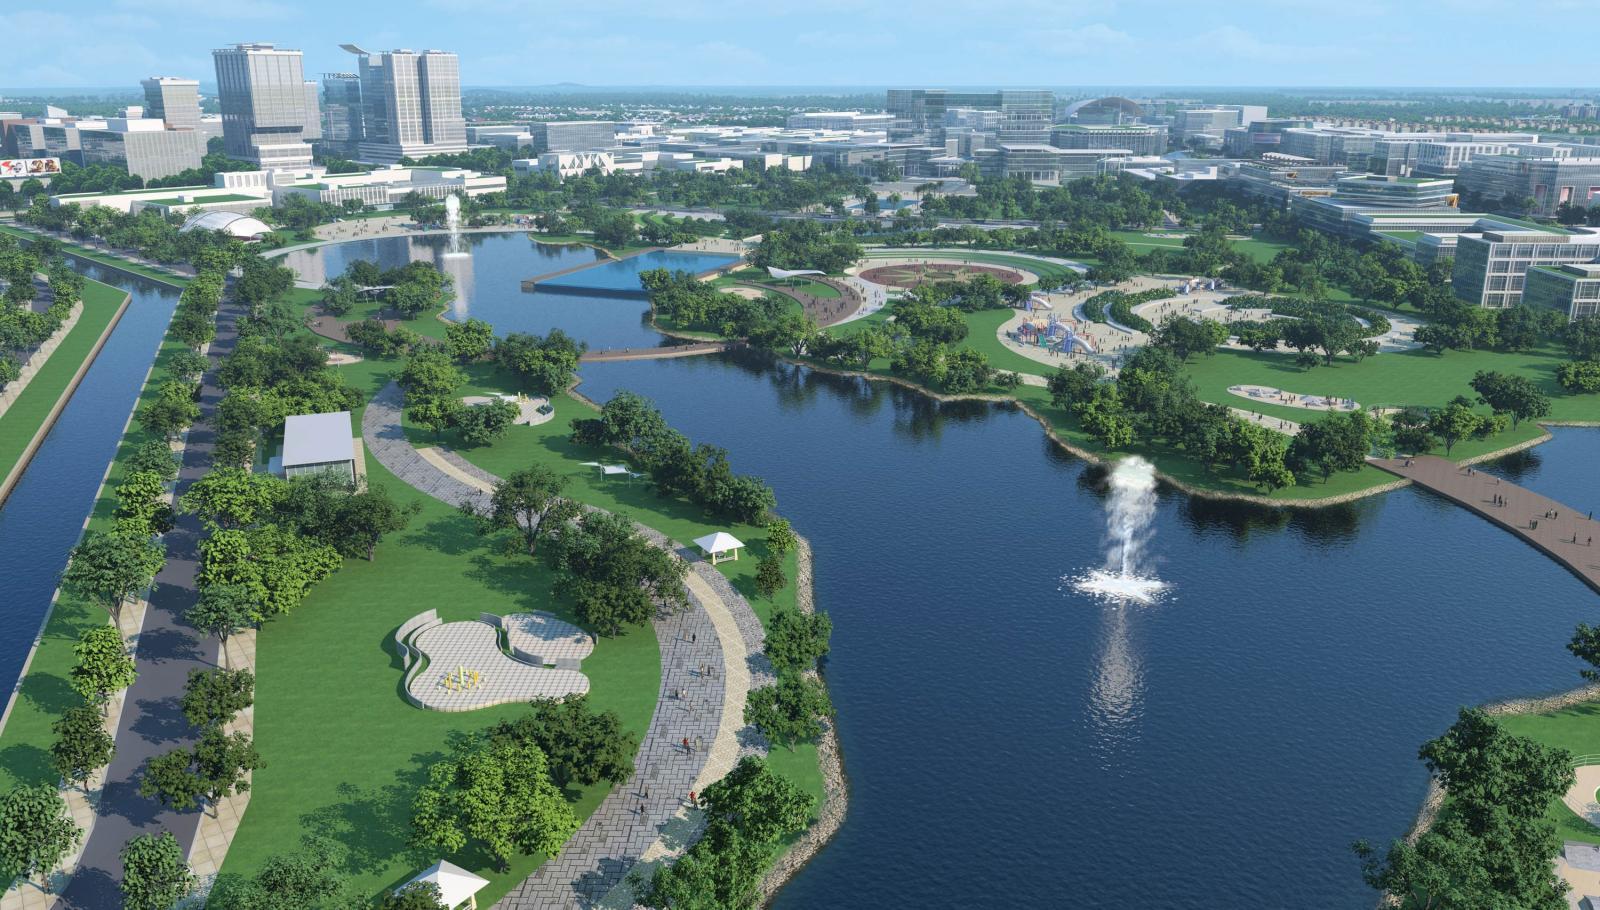 Công viên Thành phố mới Bình Dương nhìn từ trên cao